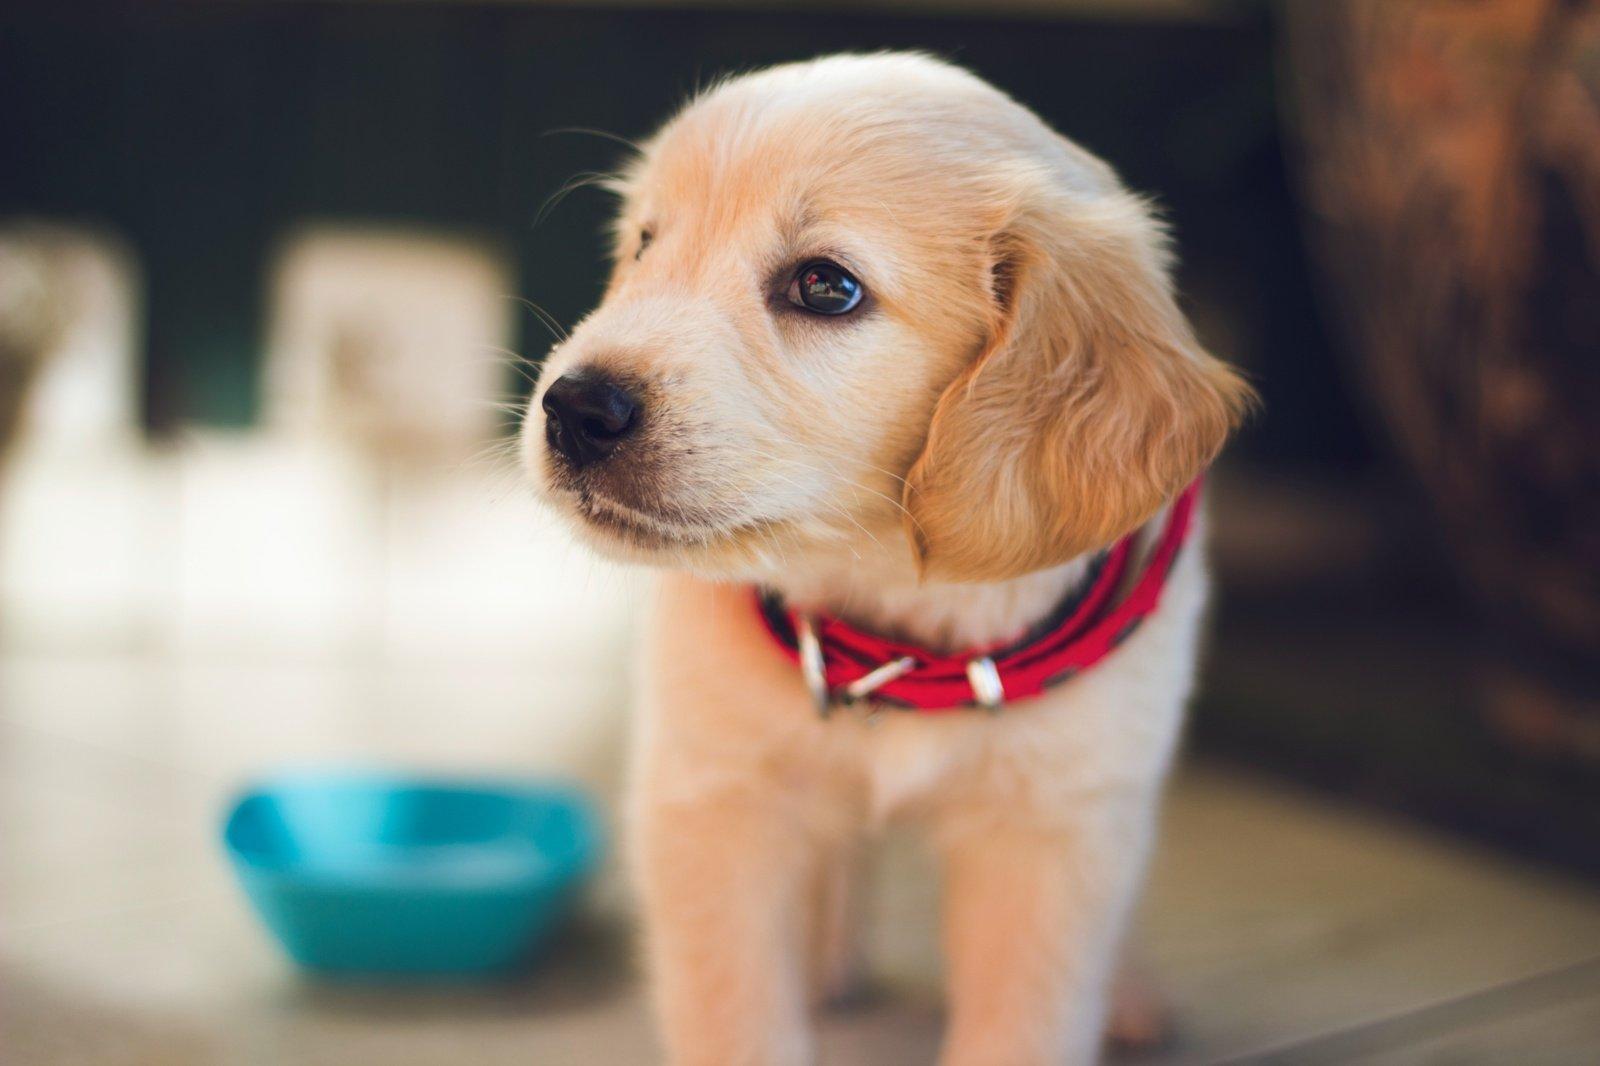 Parlamentarai siūlo griežtinti gyvūnų veisimo taisykles, bausmes už žiaurų elgesį